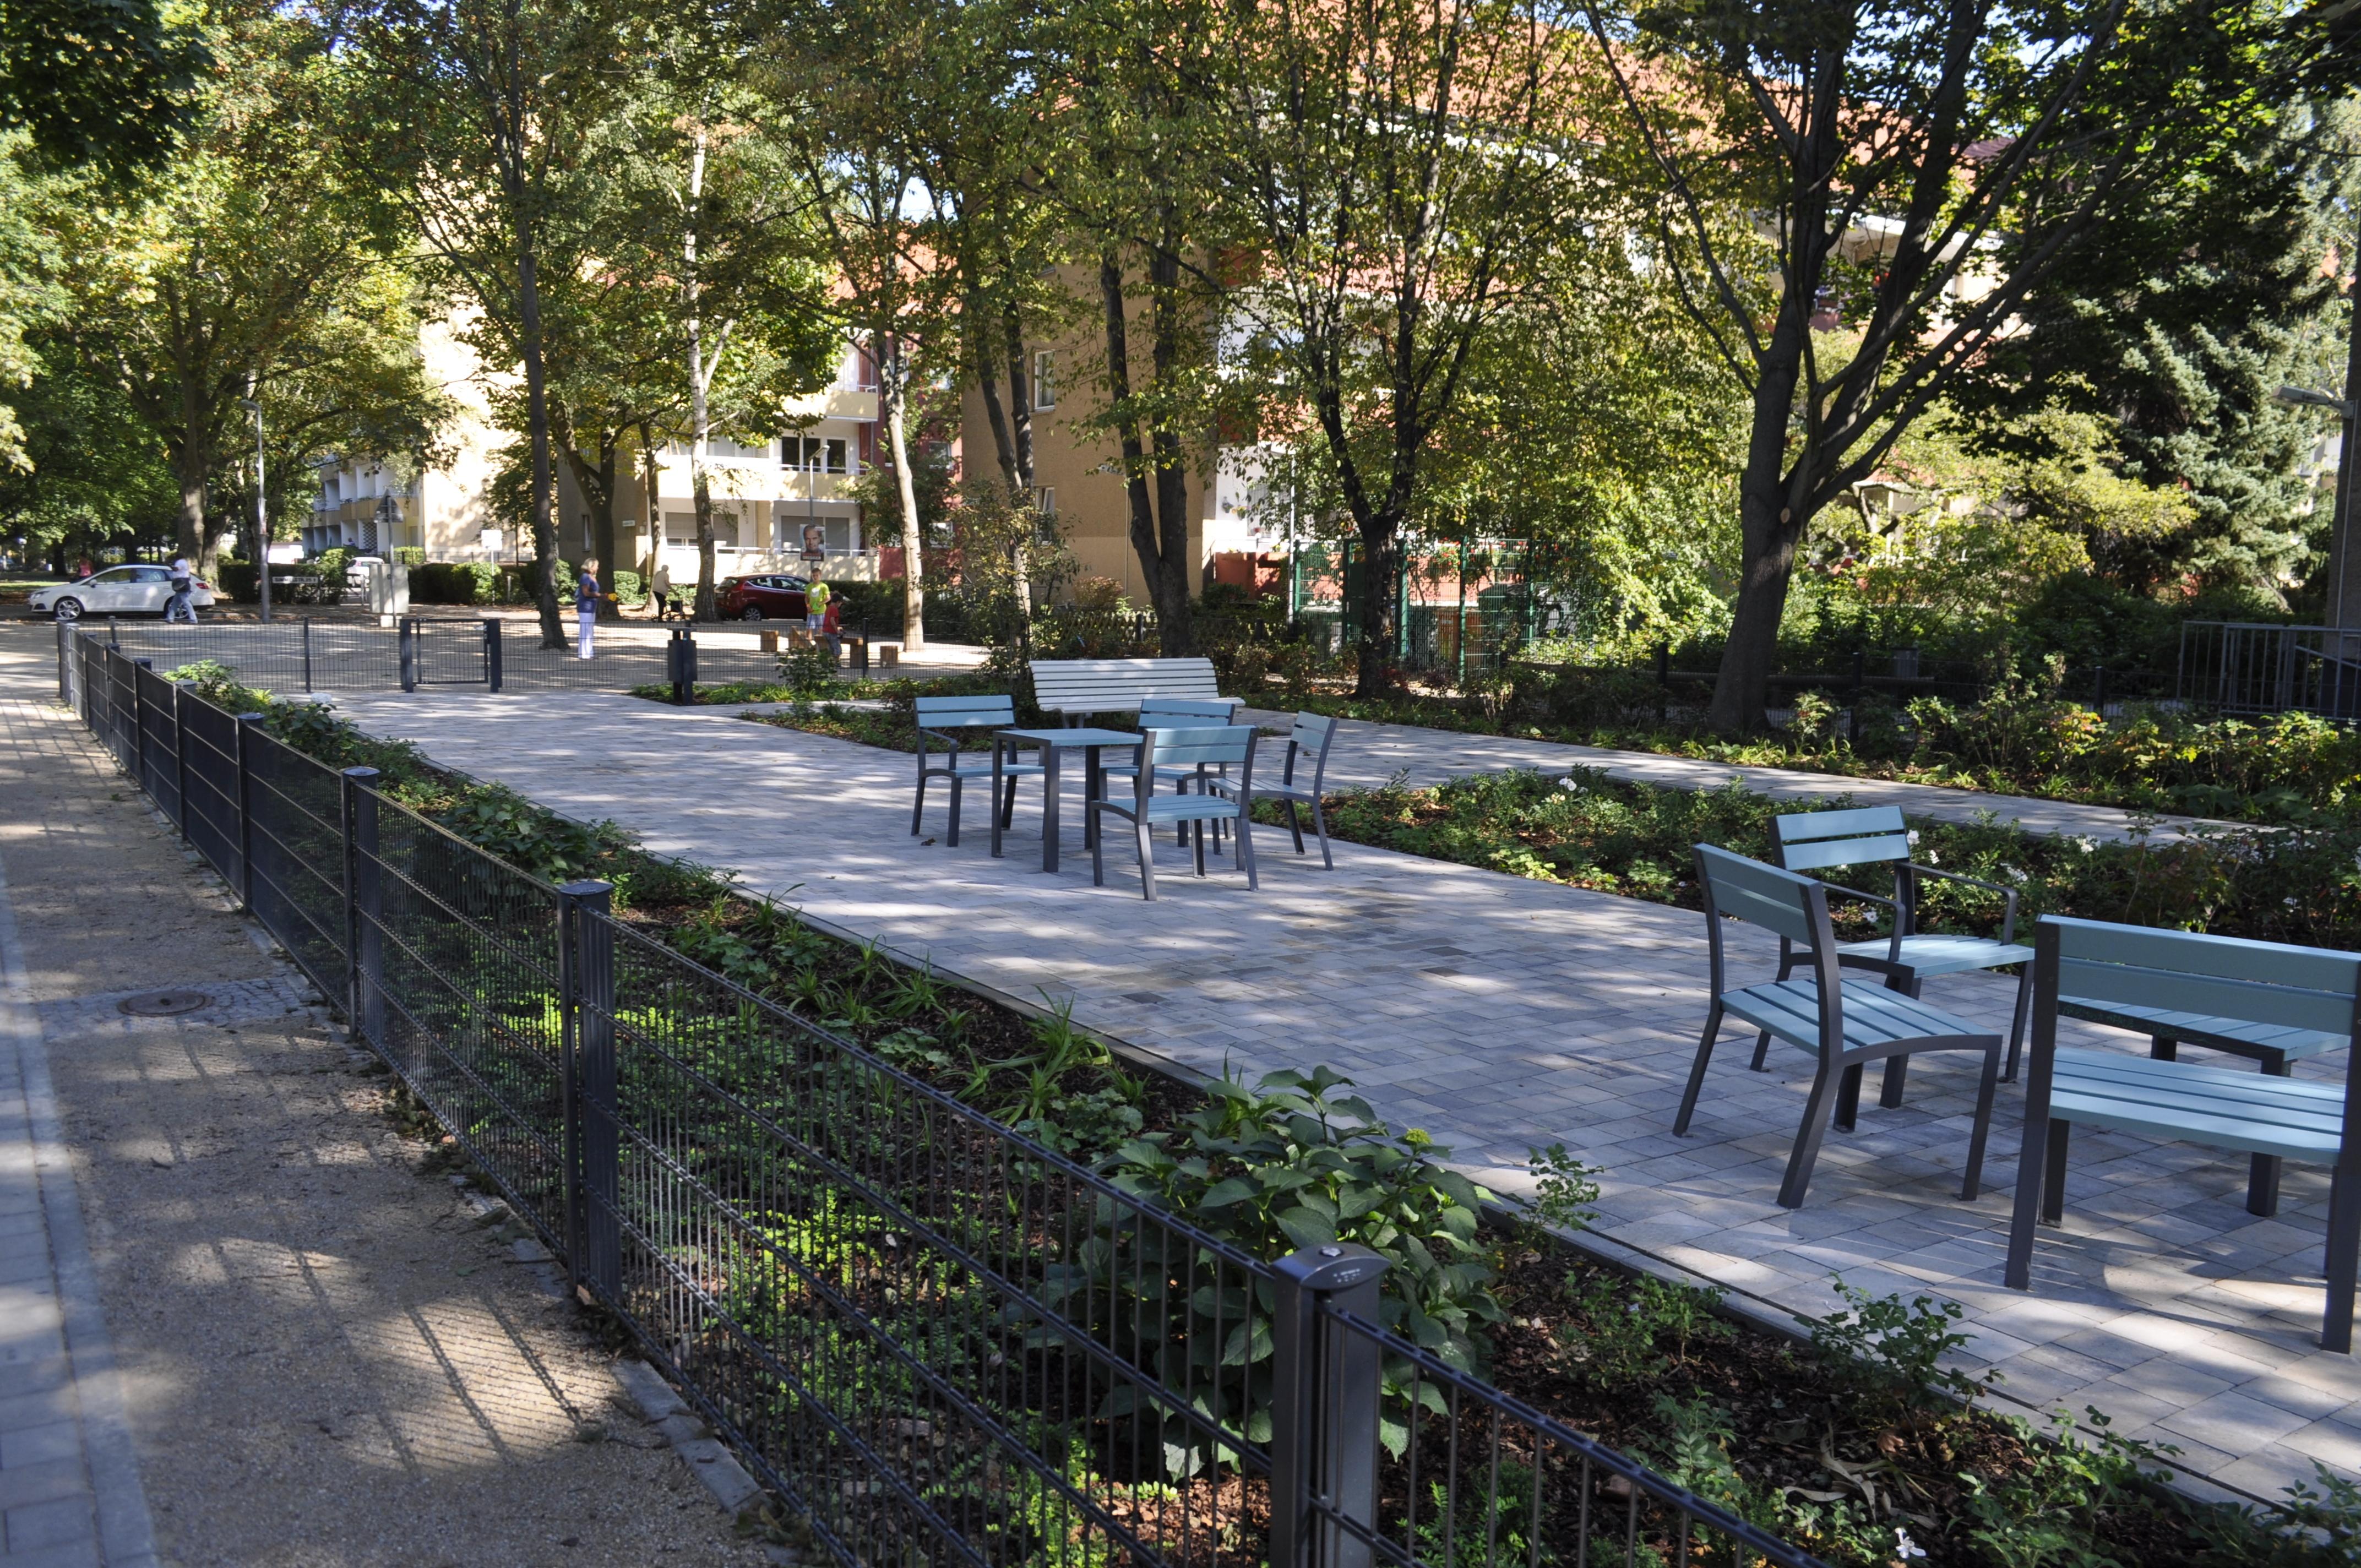 kiezgarten statt drogenecke freiluft nachbarschaftstreff spielplatz und fu weg im lettekiez. Black Bedroom Furniture Sets. Home Design Ideas